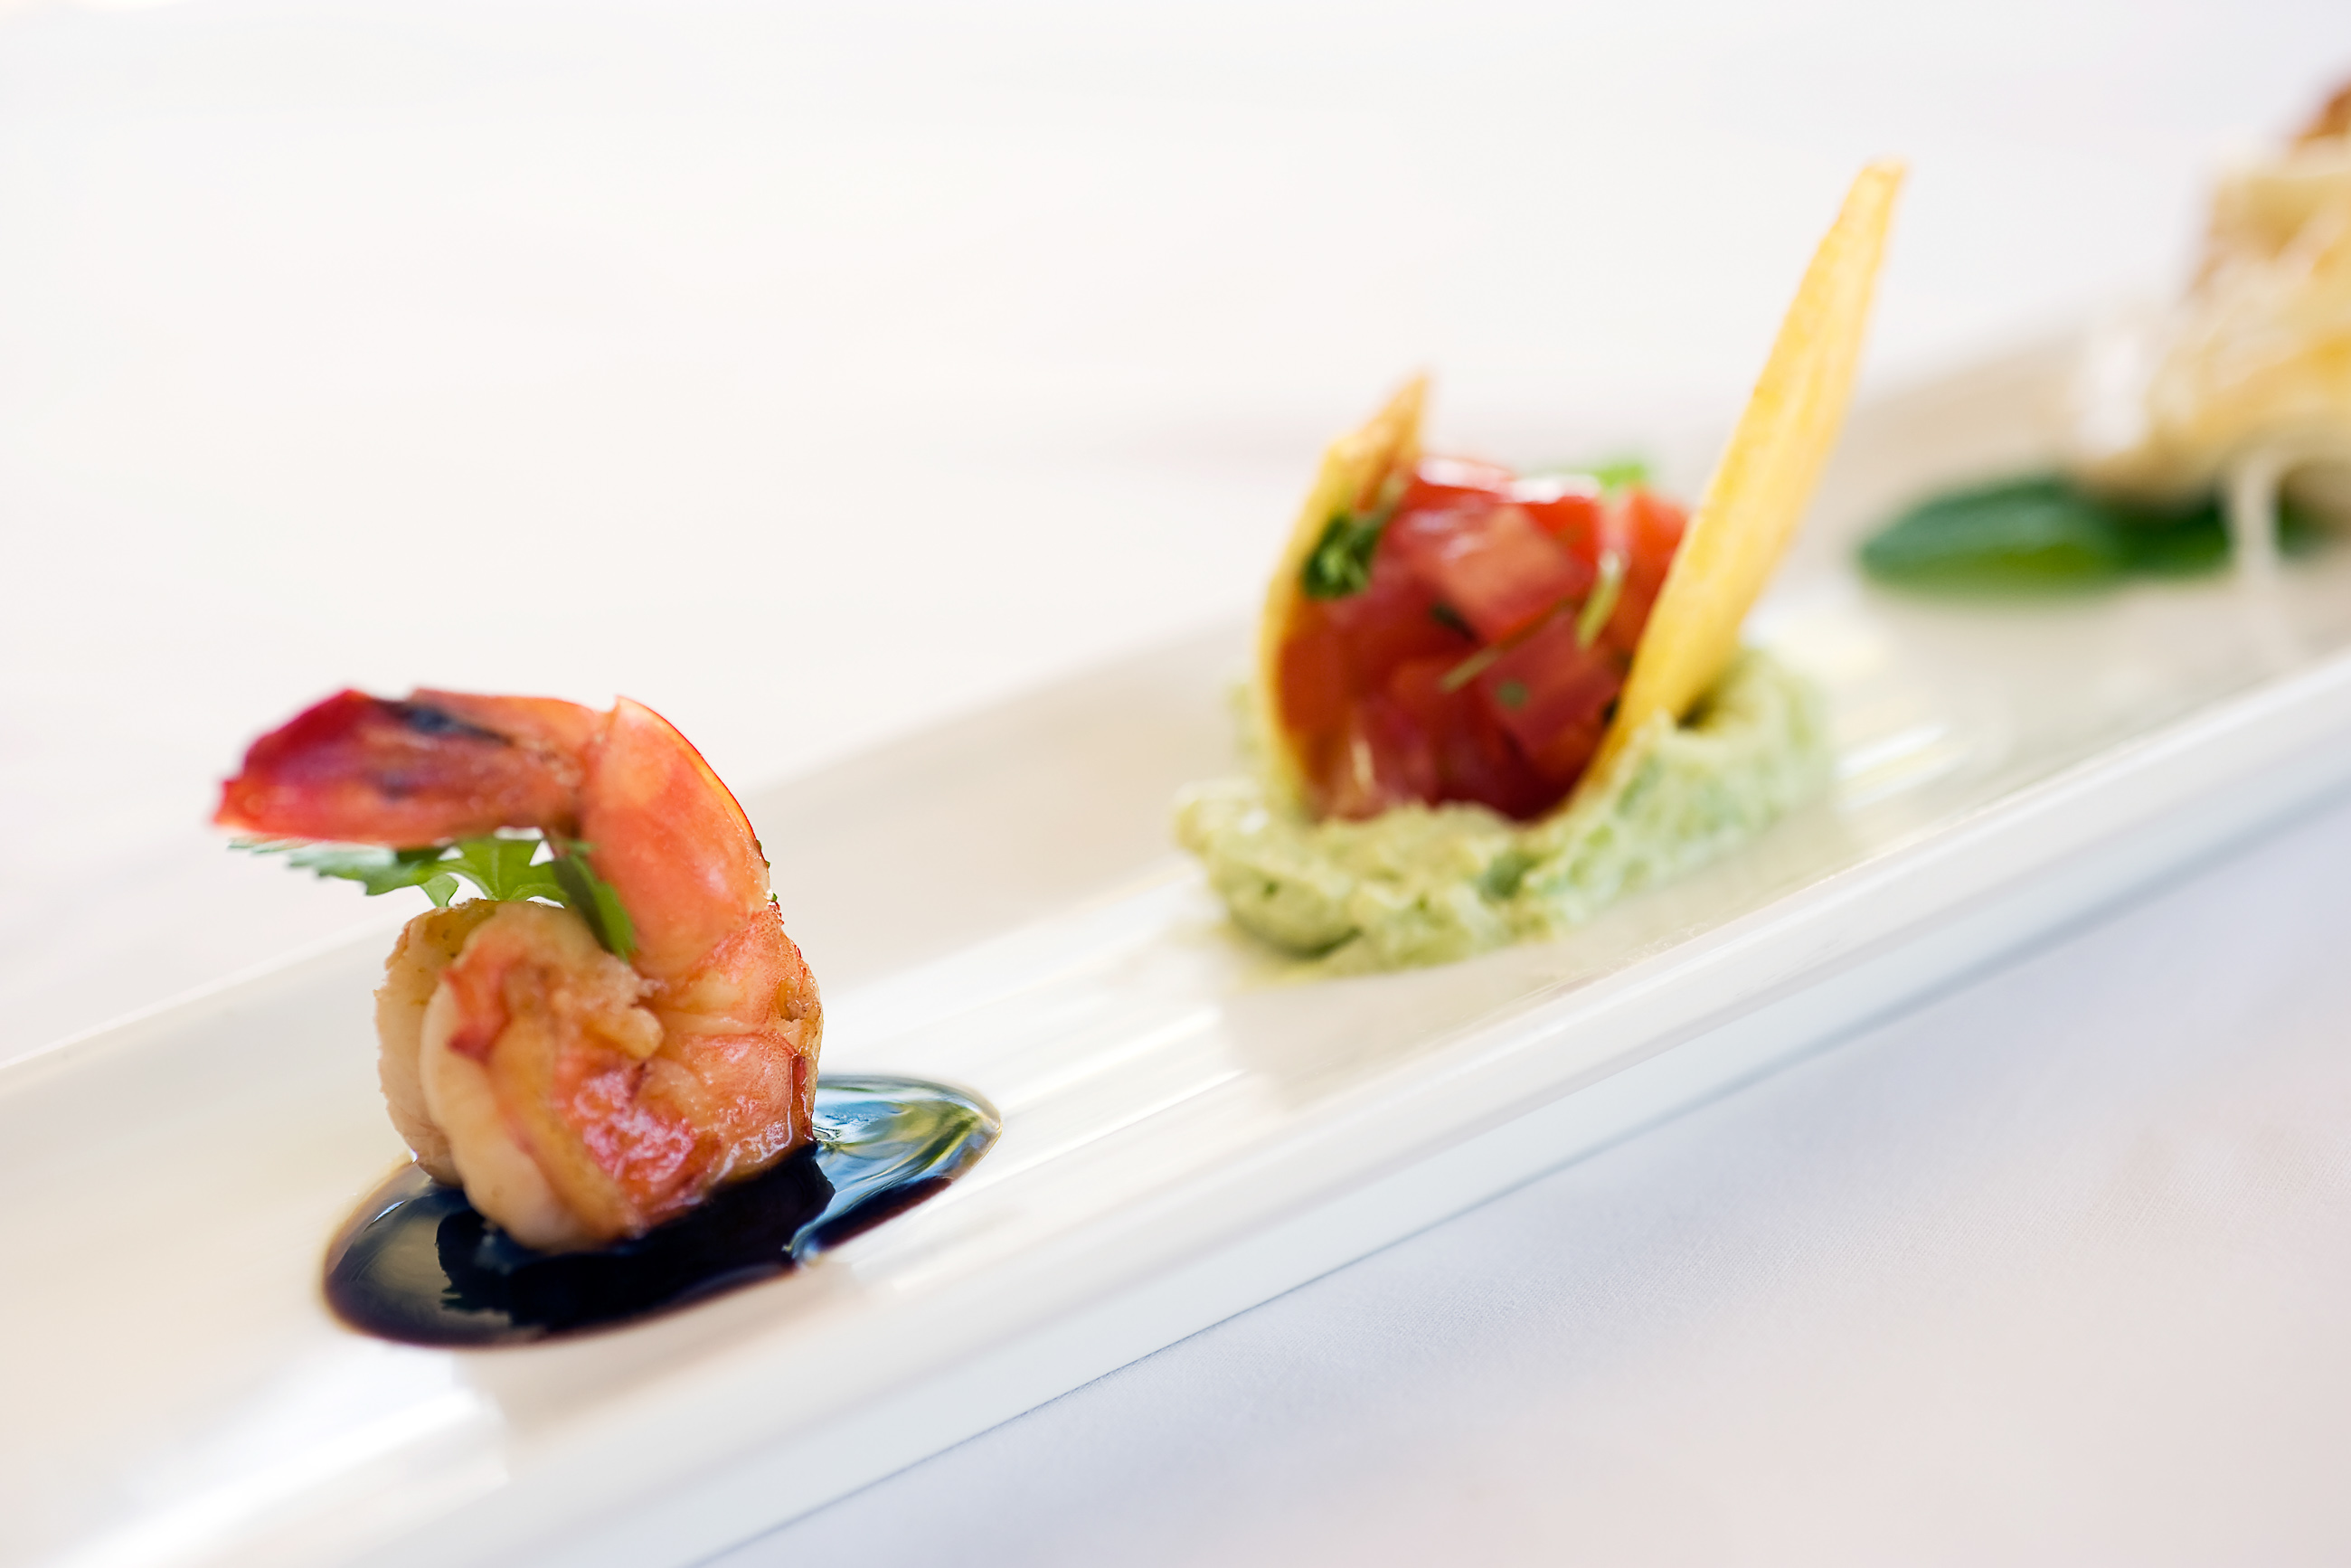 https://bubo.sk/uploads/galleries/19778/5-star-cuisine.jpg